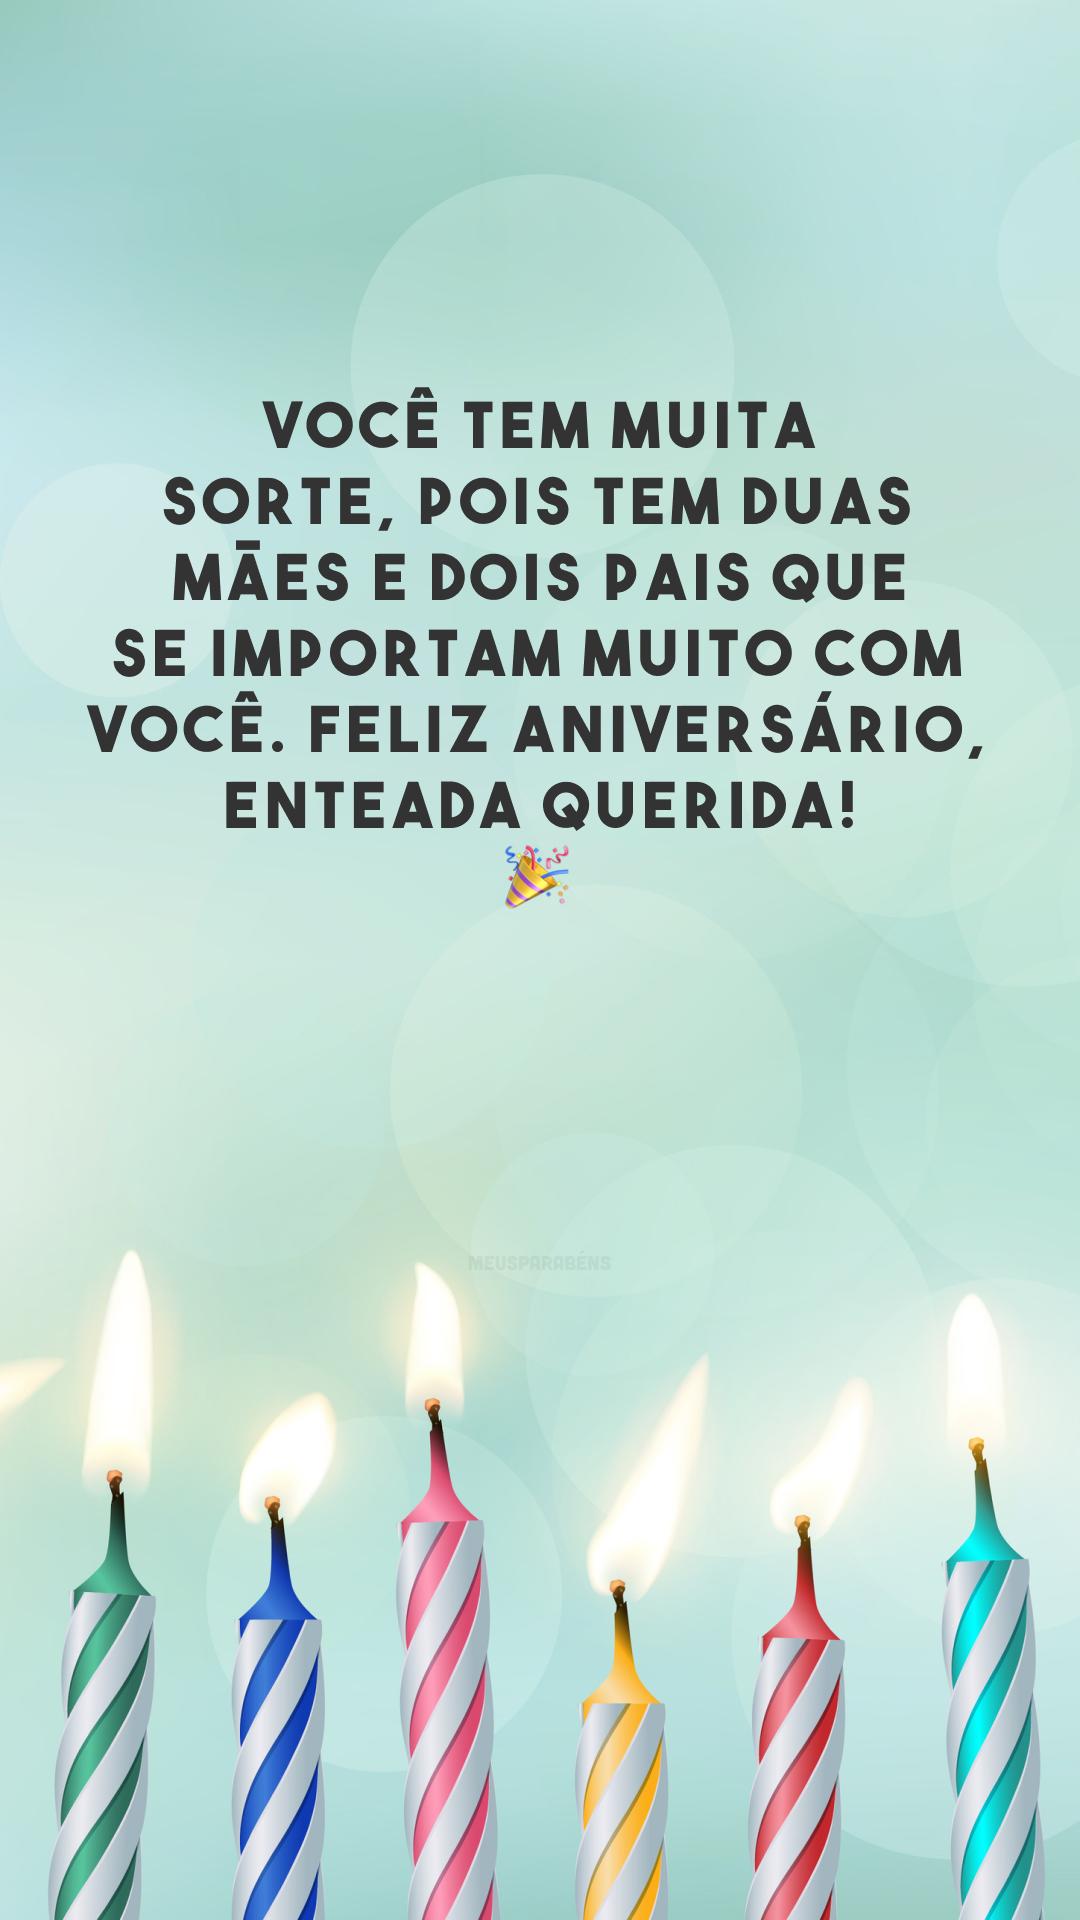 Você tem muita sorte, pois tem duas mães e dois pais que se importam muito com você. Feliz aniversário, enteada querida! 🎉